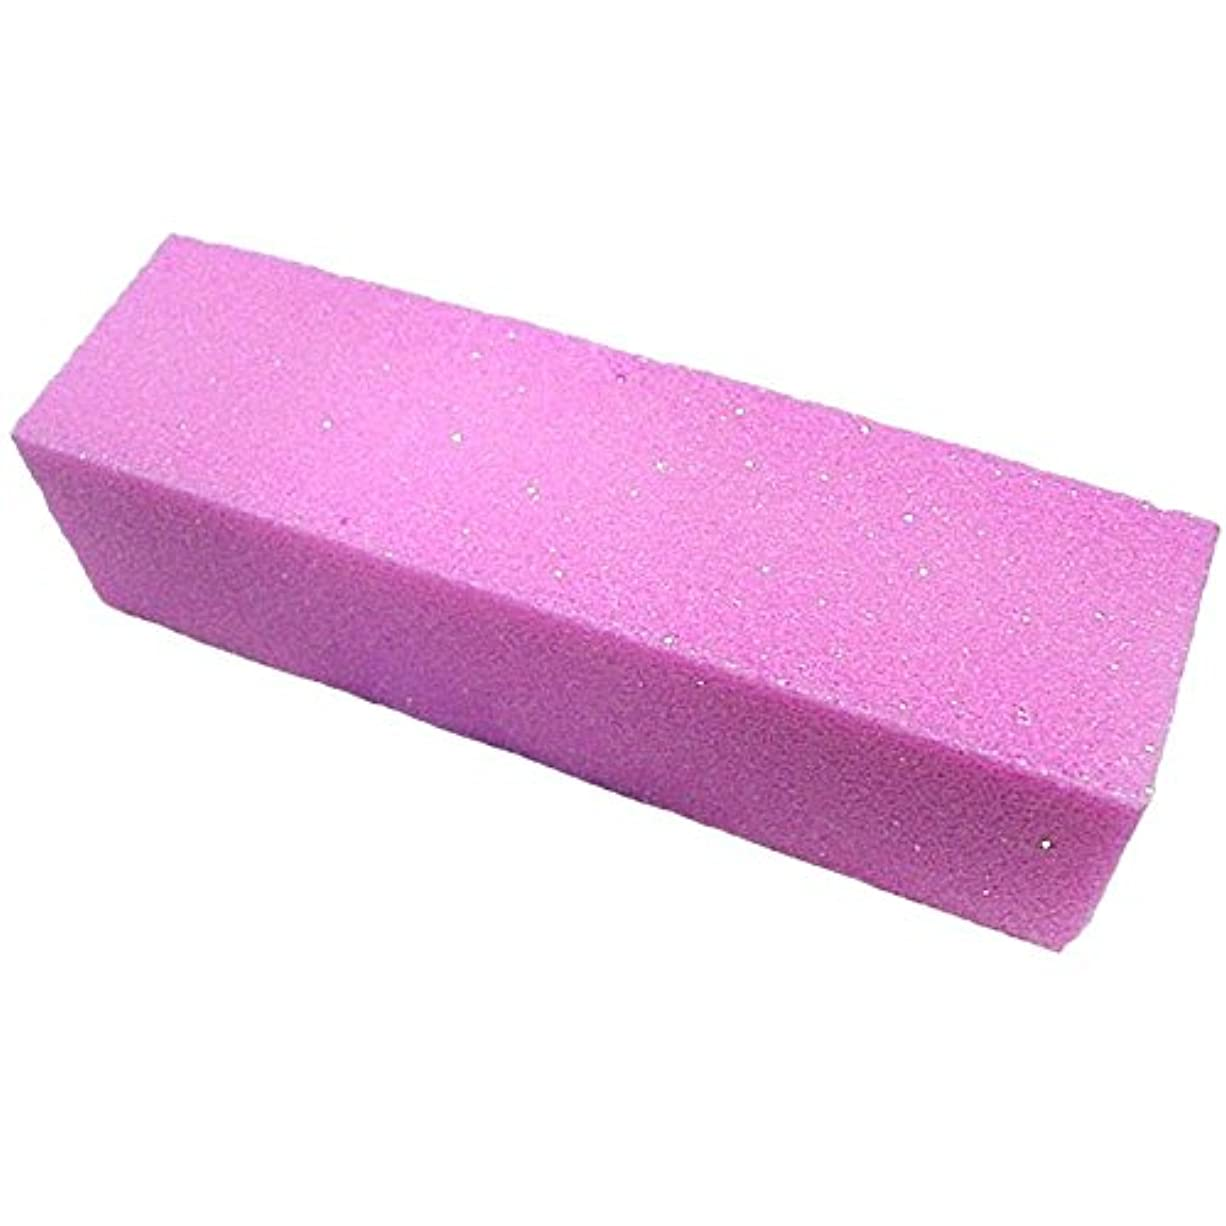 接ぎ木完璧なゴムRETYLY 10xピンク色のバッファバフサンディングブロックファイル マニキュアペディキュア ネイルアートの為